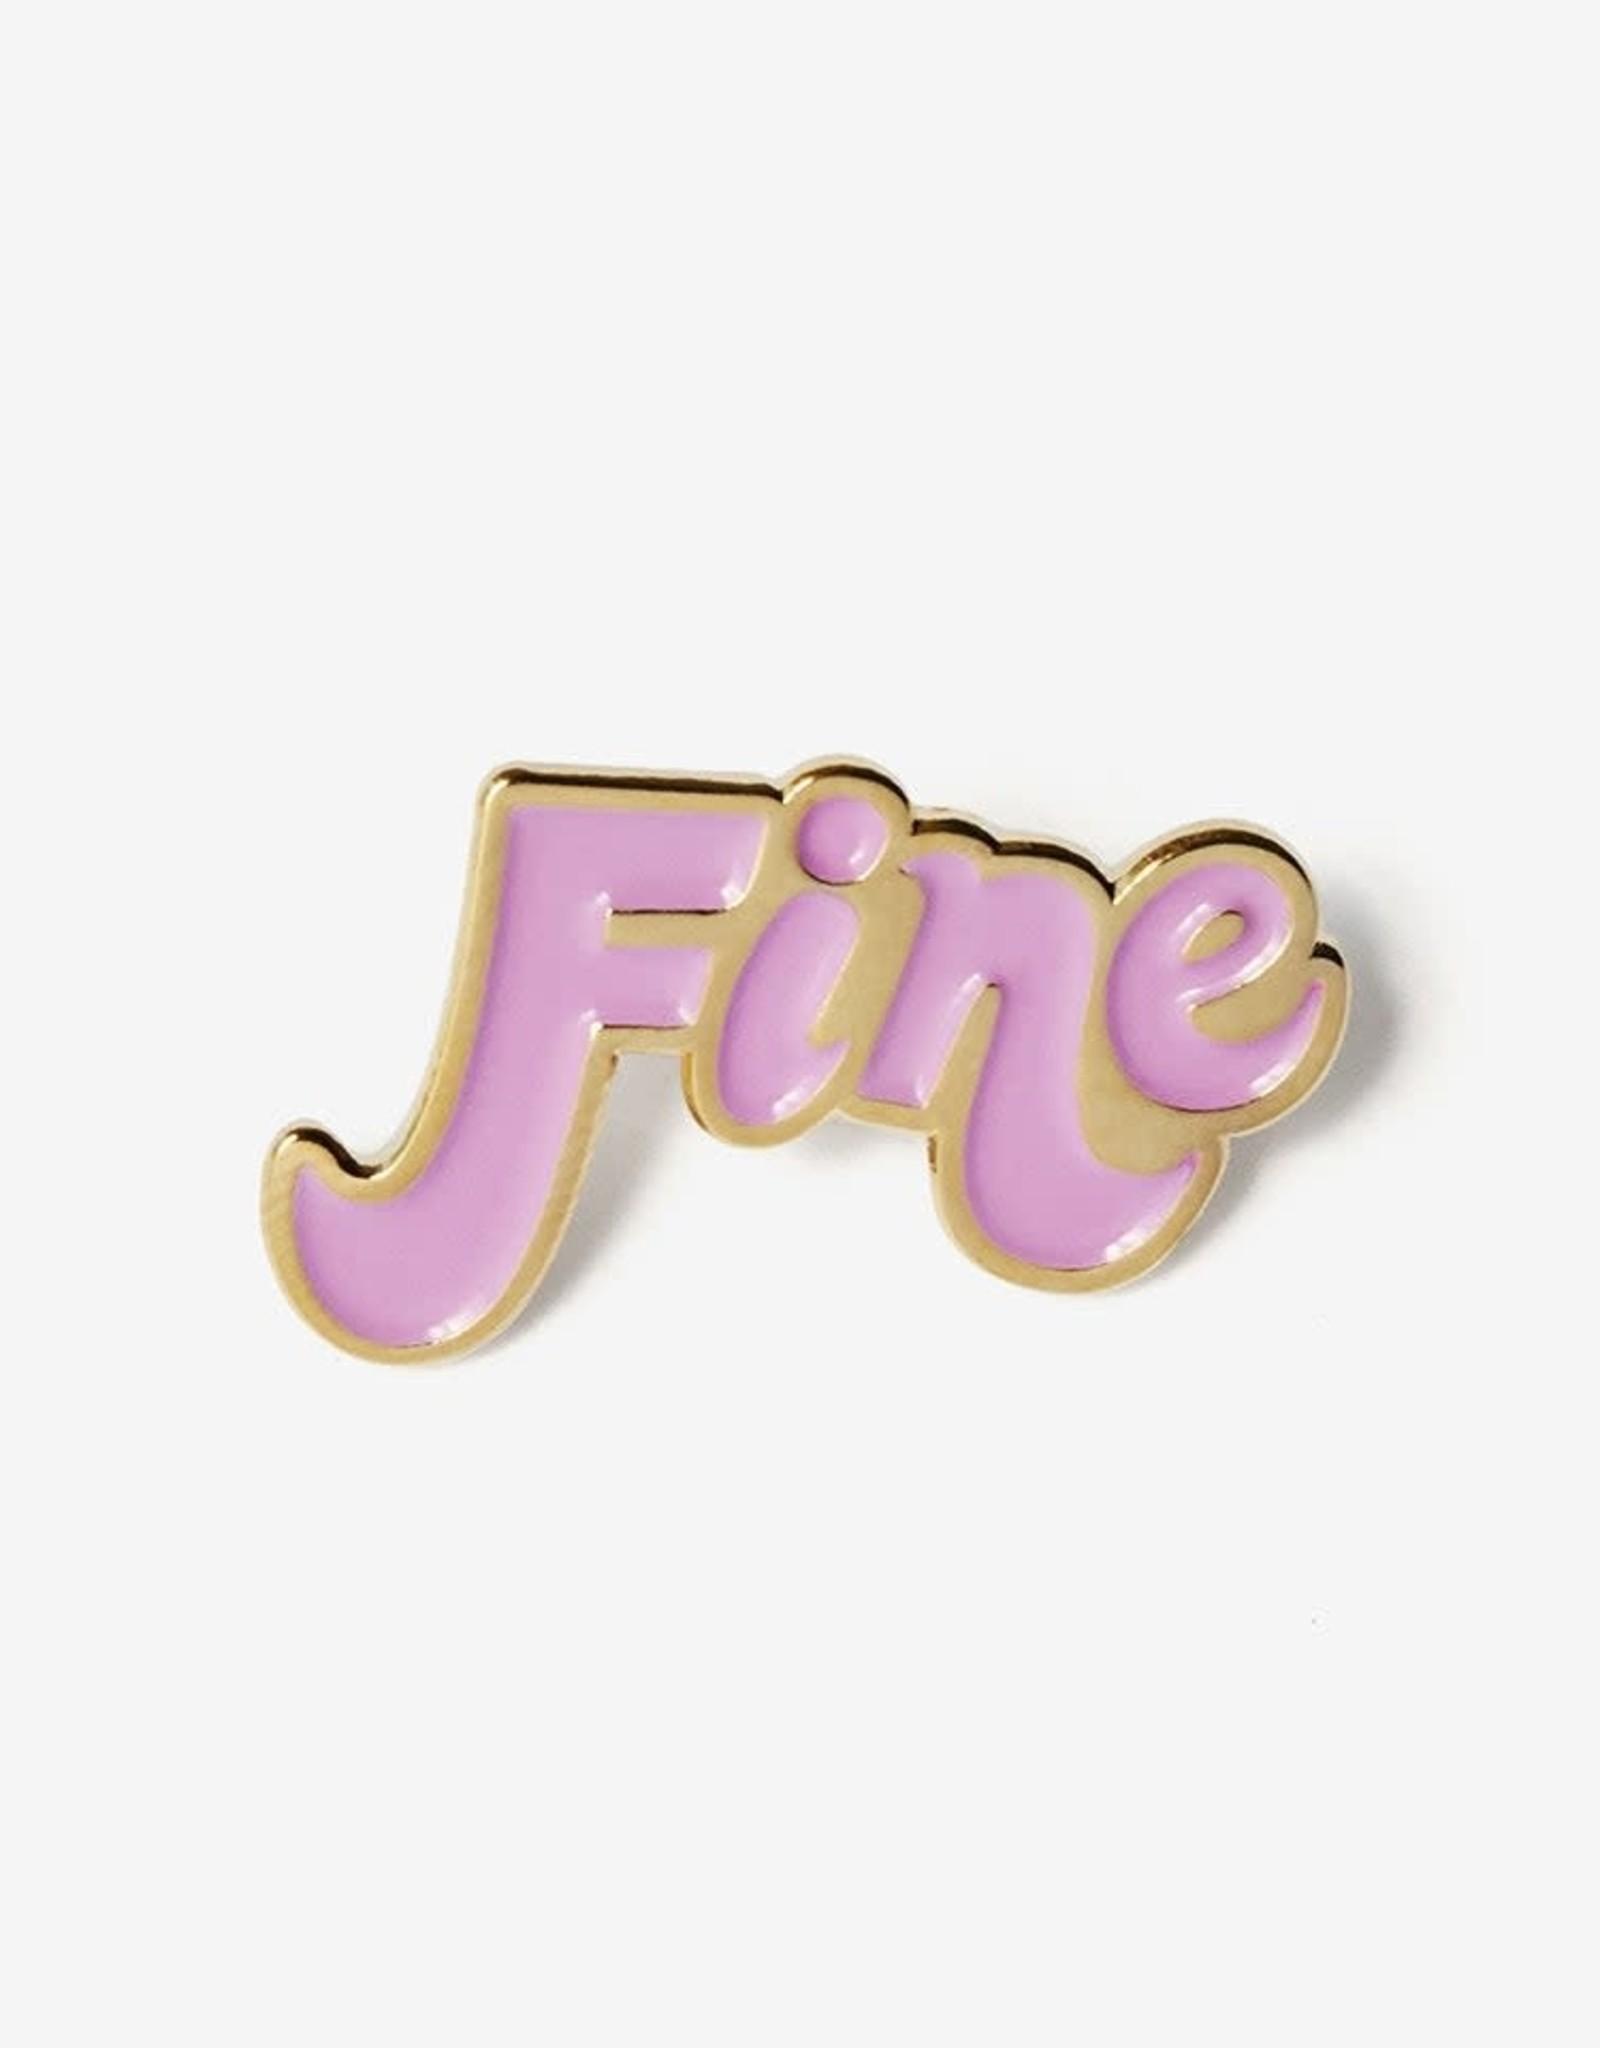 The Good Twin Co. Fine Enamel Pin